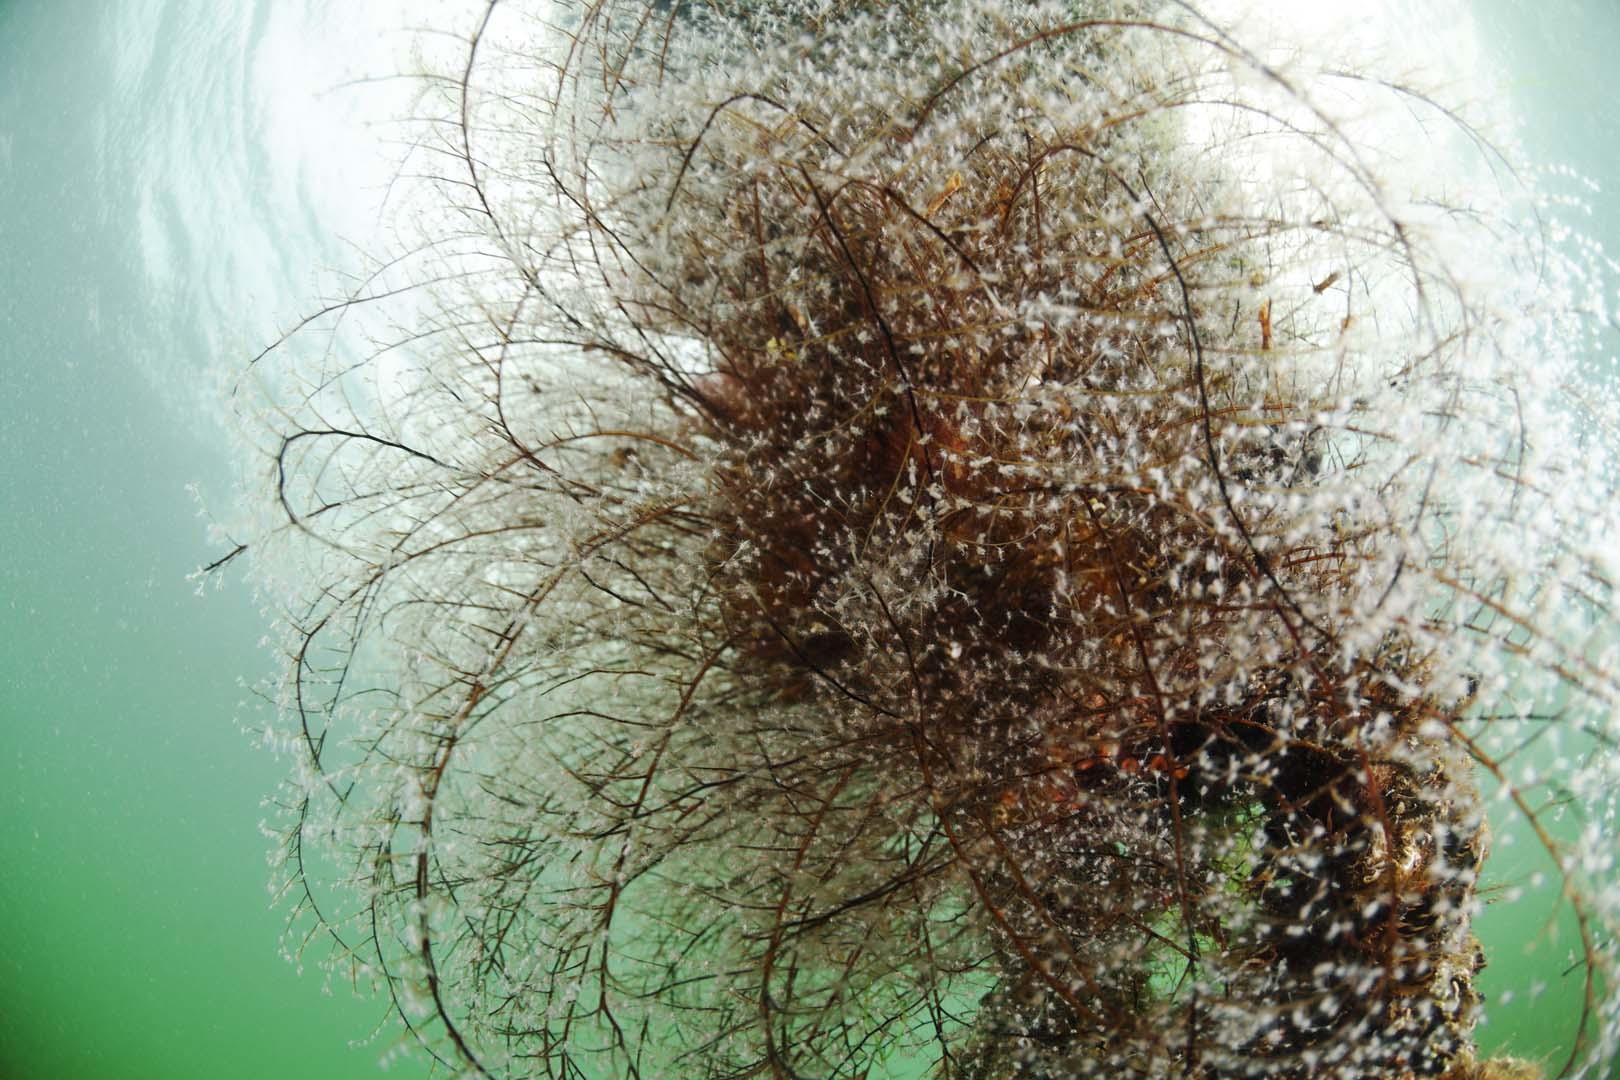 Pennaria disticha está presente en todas las aguas cálidas del mundo, habitando sobre rocas a poca profundidad.